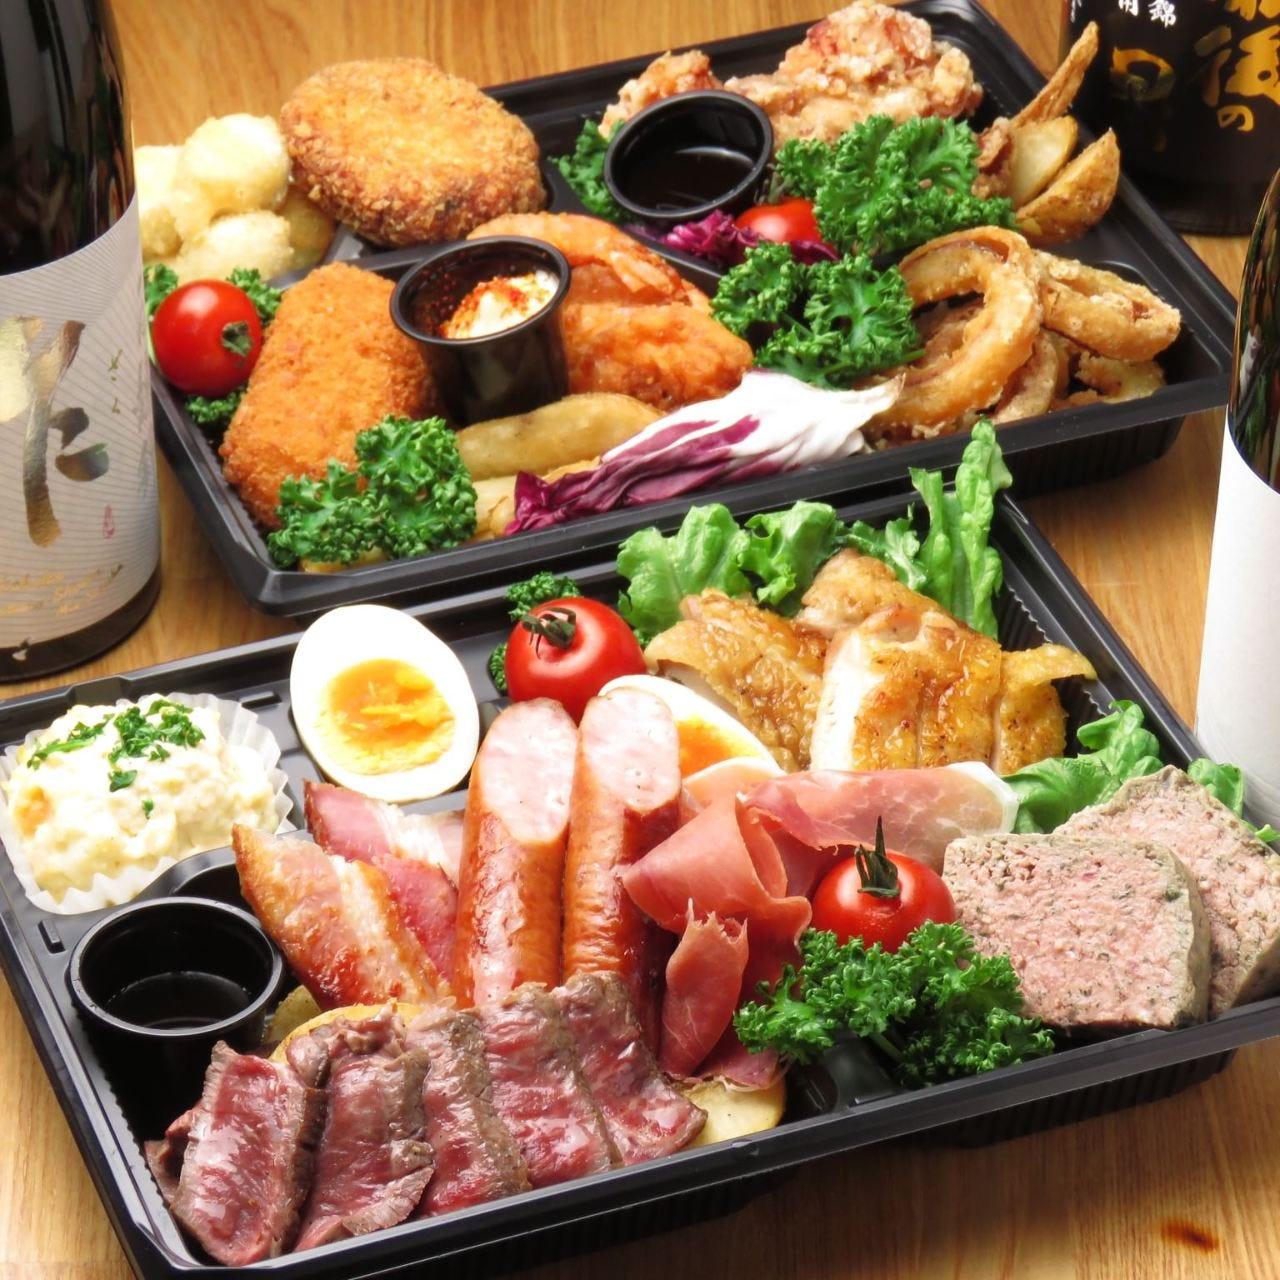 焼酎・日本酒プレゼント付きパーティーセットもオススメ。